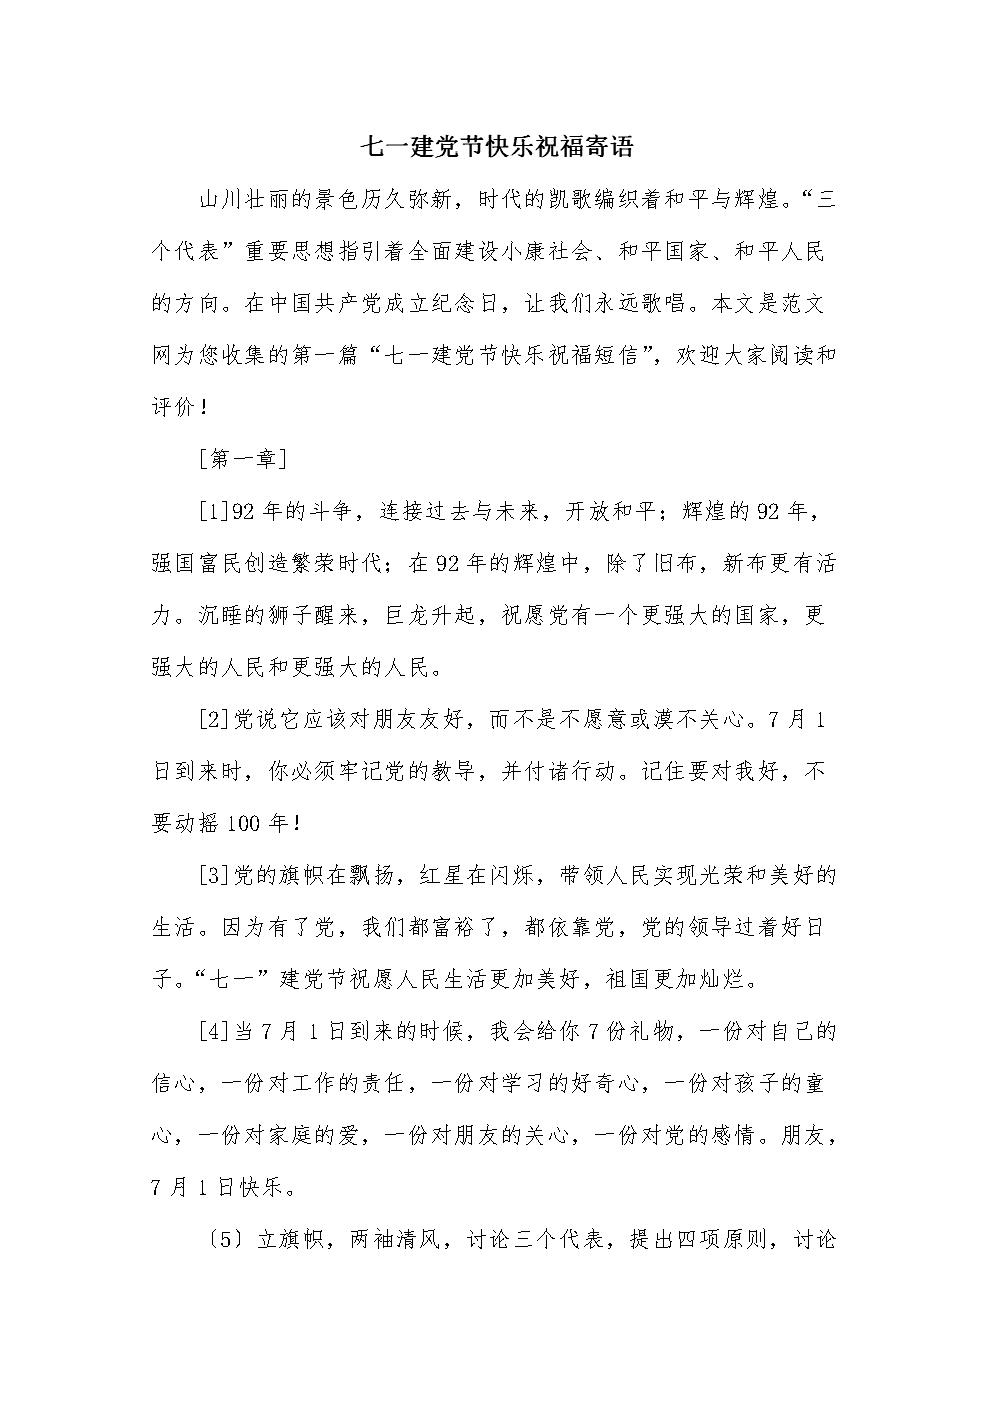 七一建党节快乐祝福寄语.doc